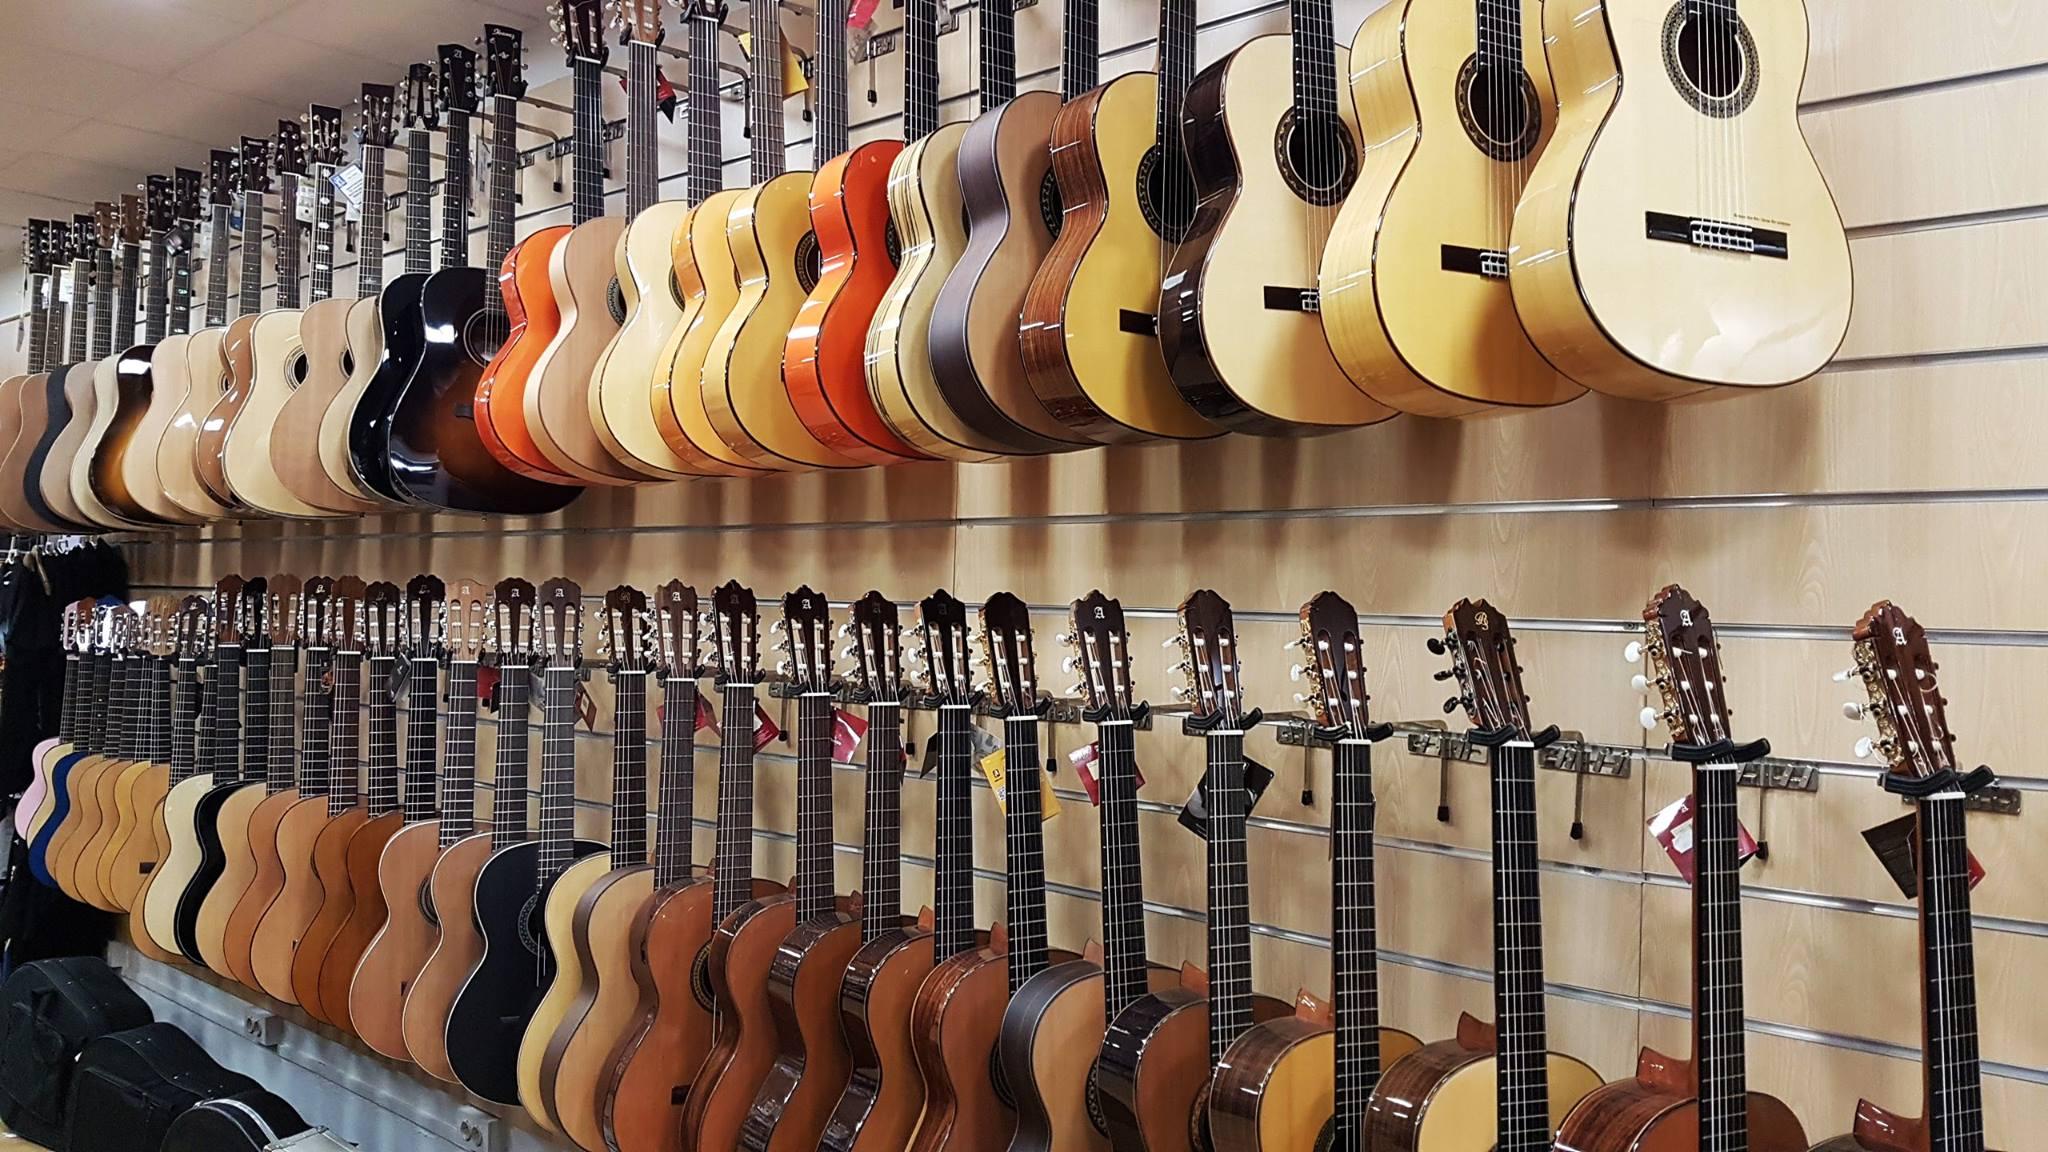 Guitarras clásicas y flamencas en Akustic tienda de instrumentos musicales en Vilanova i la Geltrú